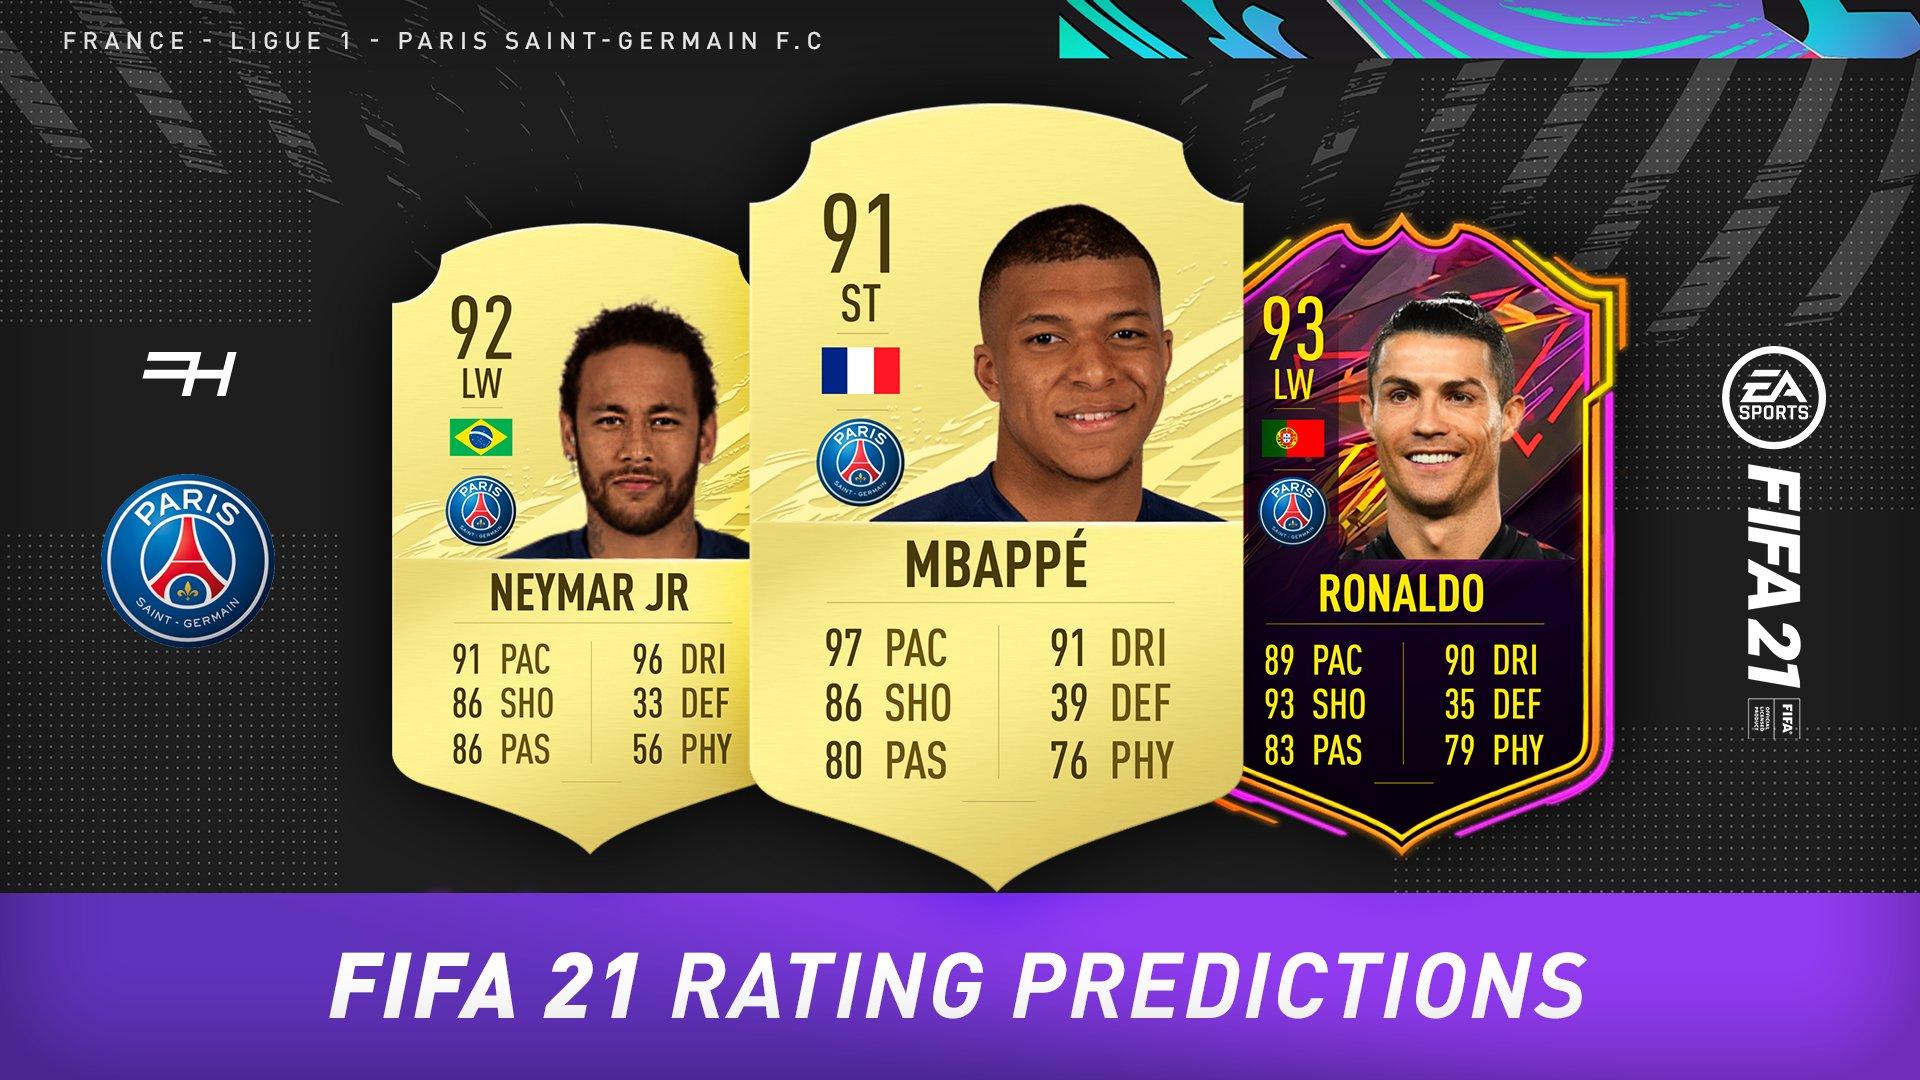 fifa 21 rating predictions psg